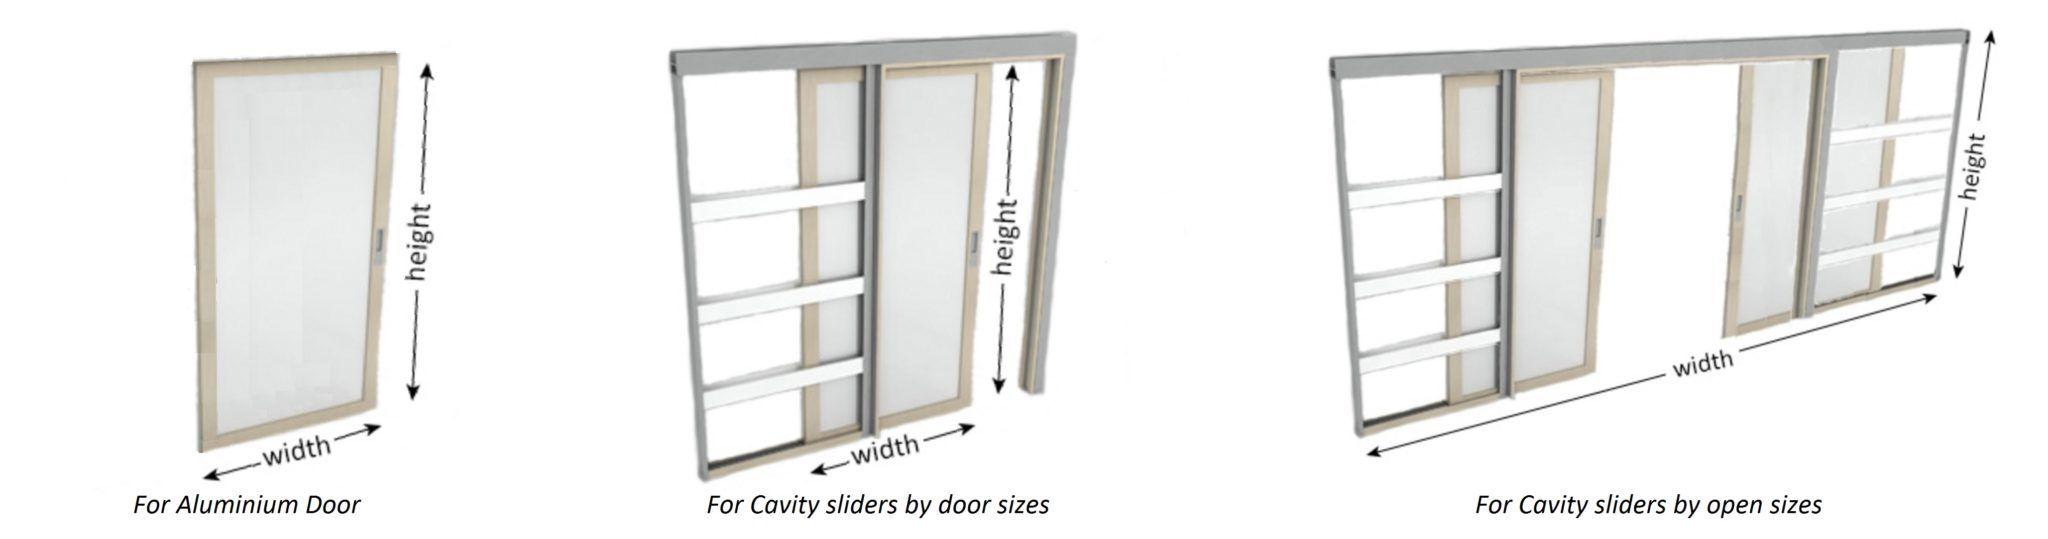 Order Now Premium Sliding Doors Pty Ltd